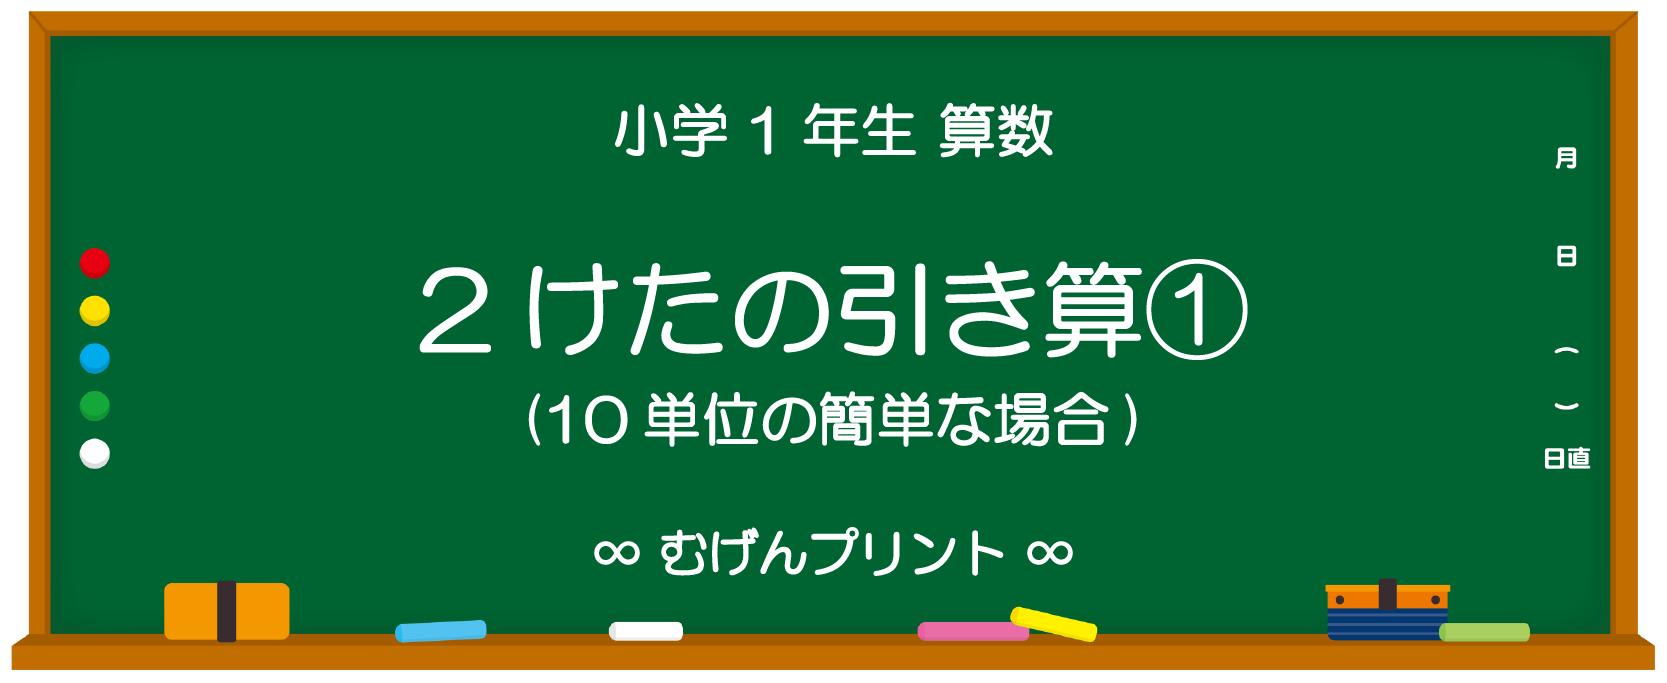 【小1 算数 無料プリント/ミニテスト/ドリル】2けたの引き算①(10単位の簡単な場合)